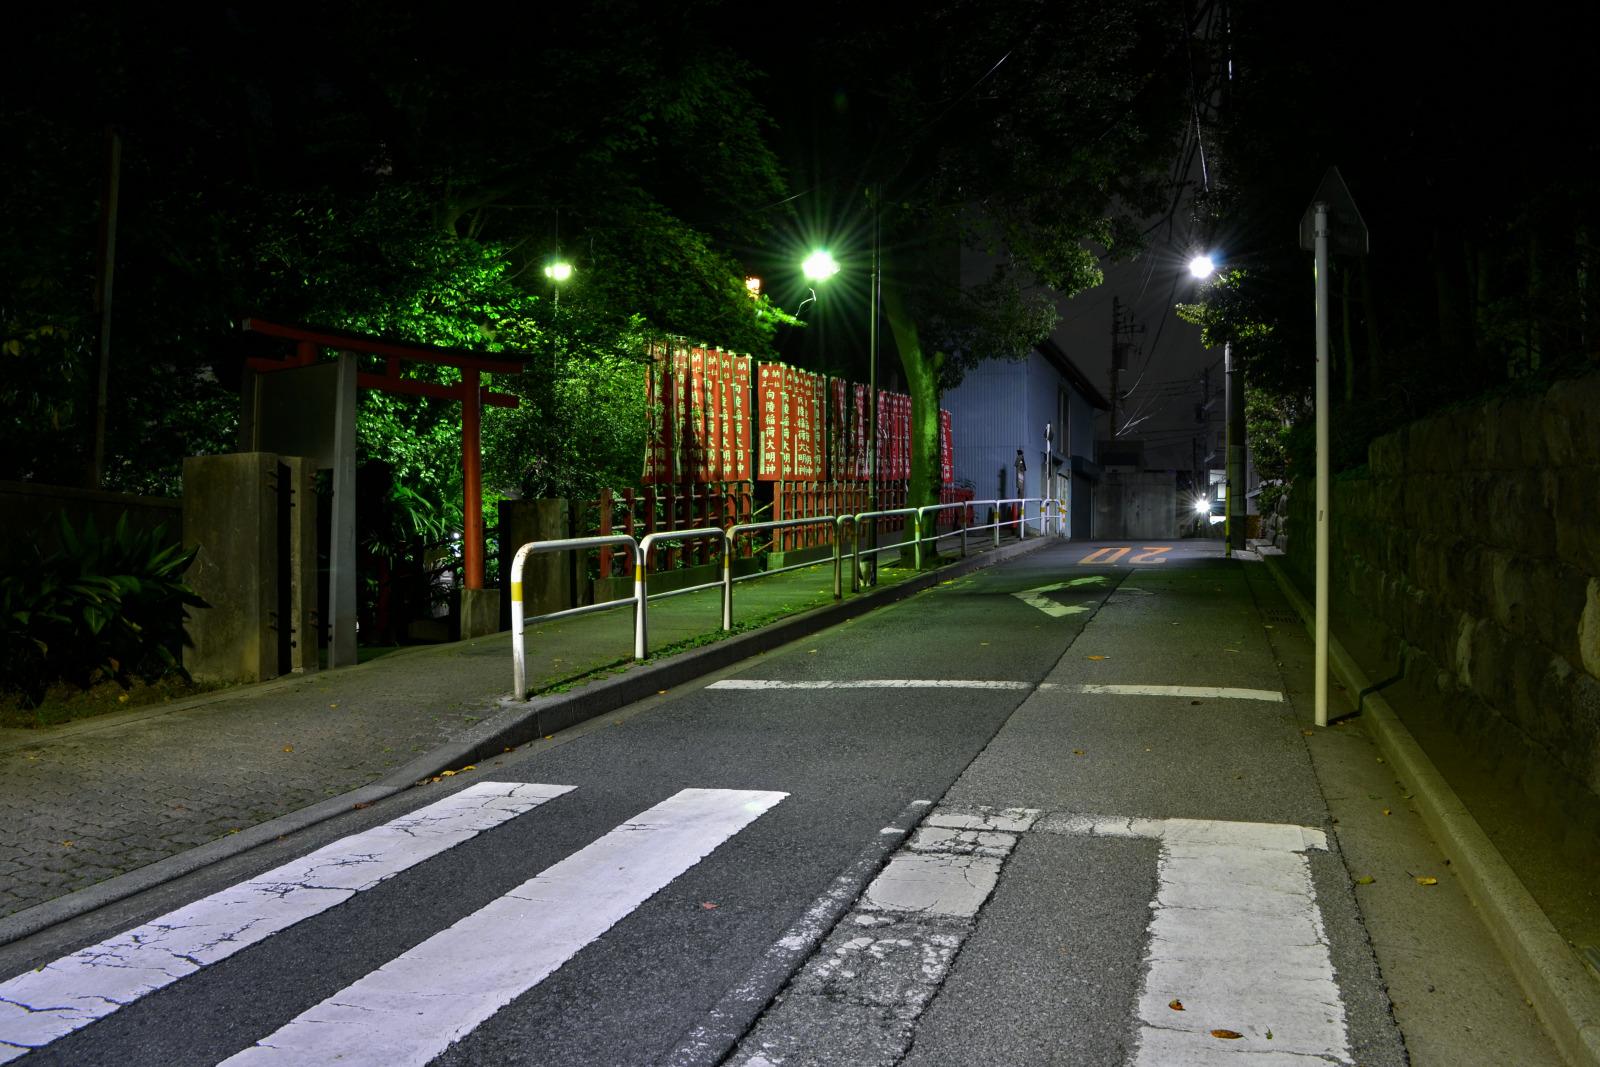 「覚えていますか「横断歩道は歩行者優先」。無視して通過すると大事故や罰則も! 」の8枚目の画像